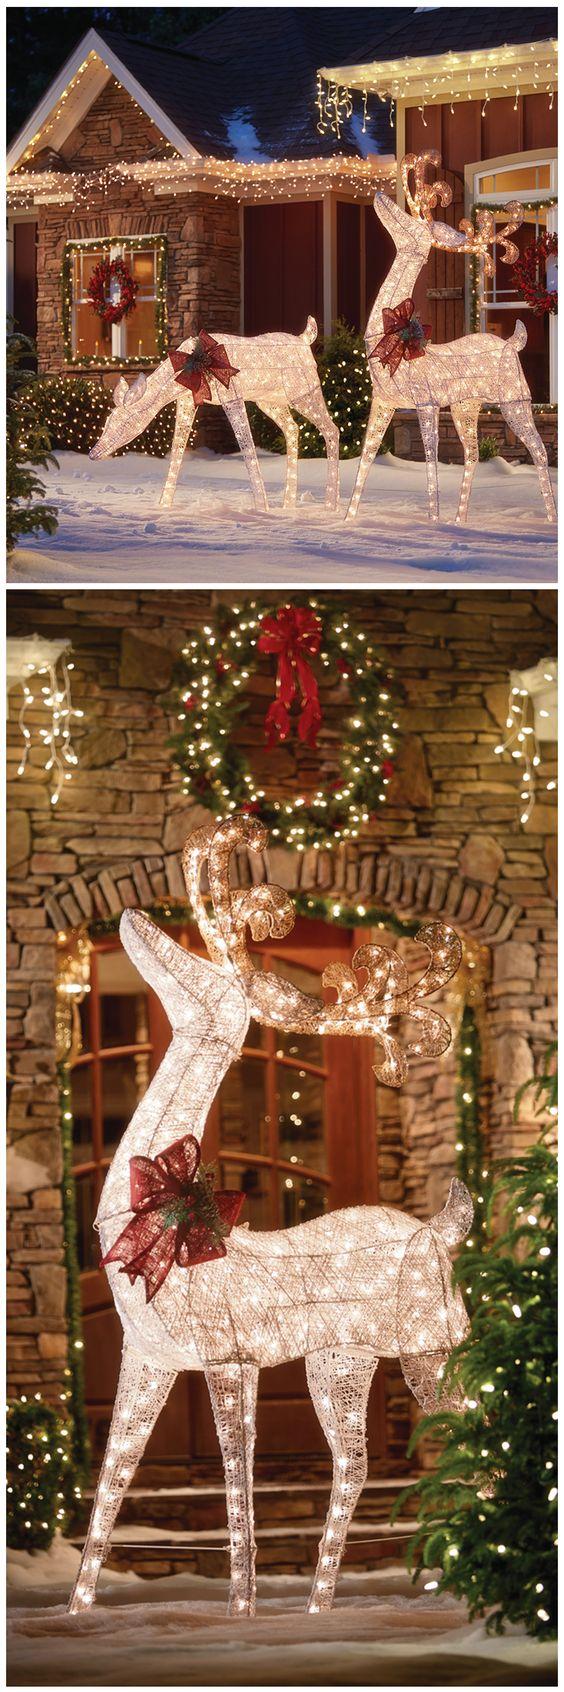 Decoración del jardín para navidad con luces